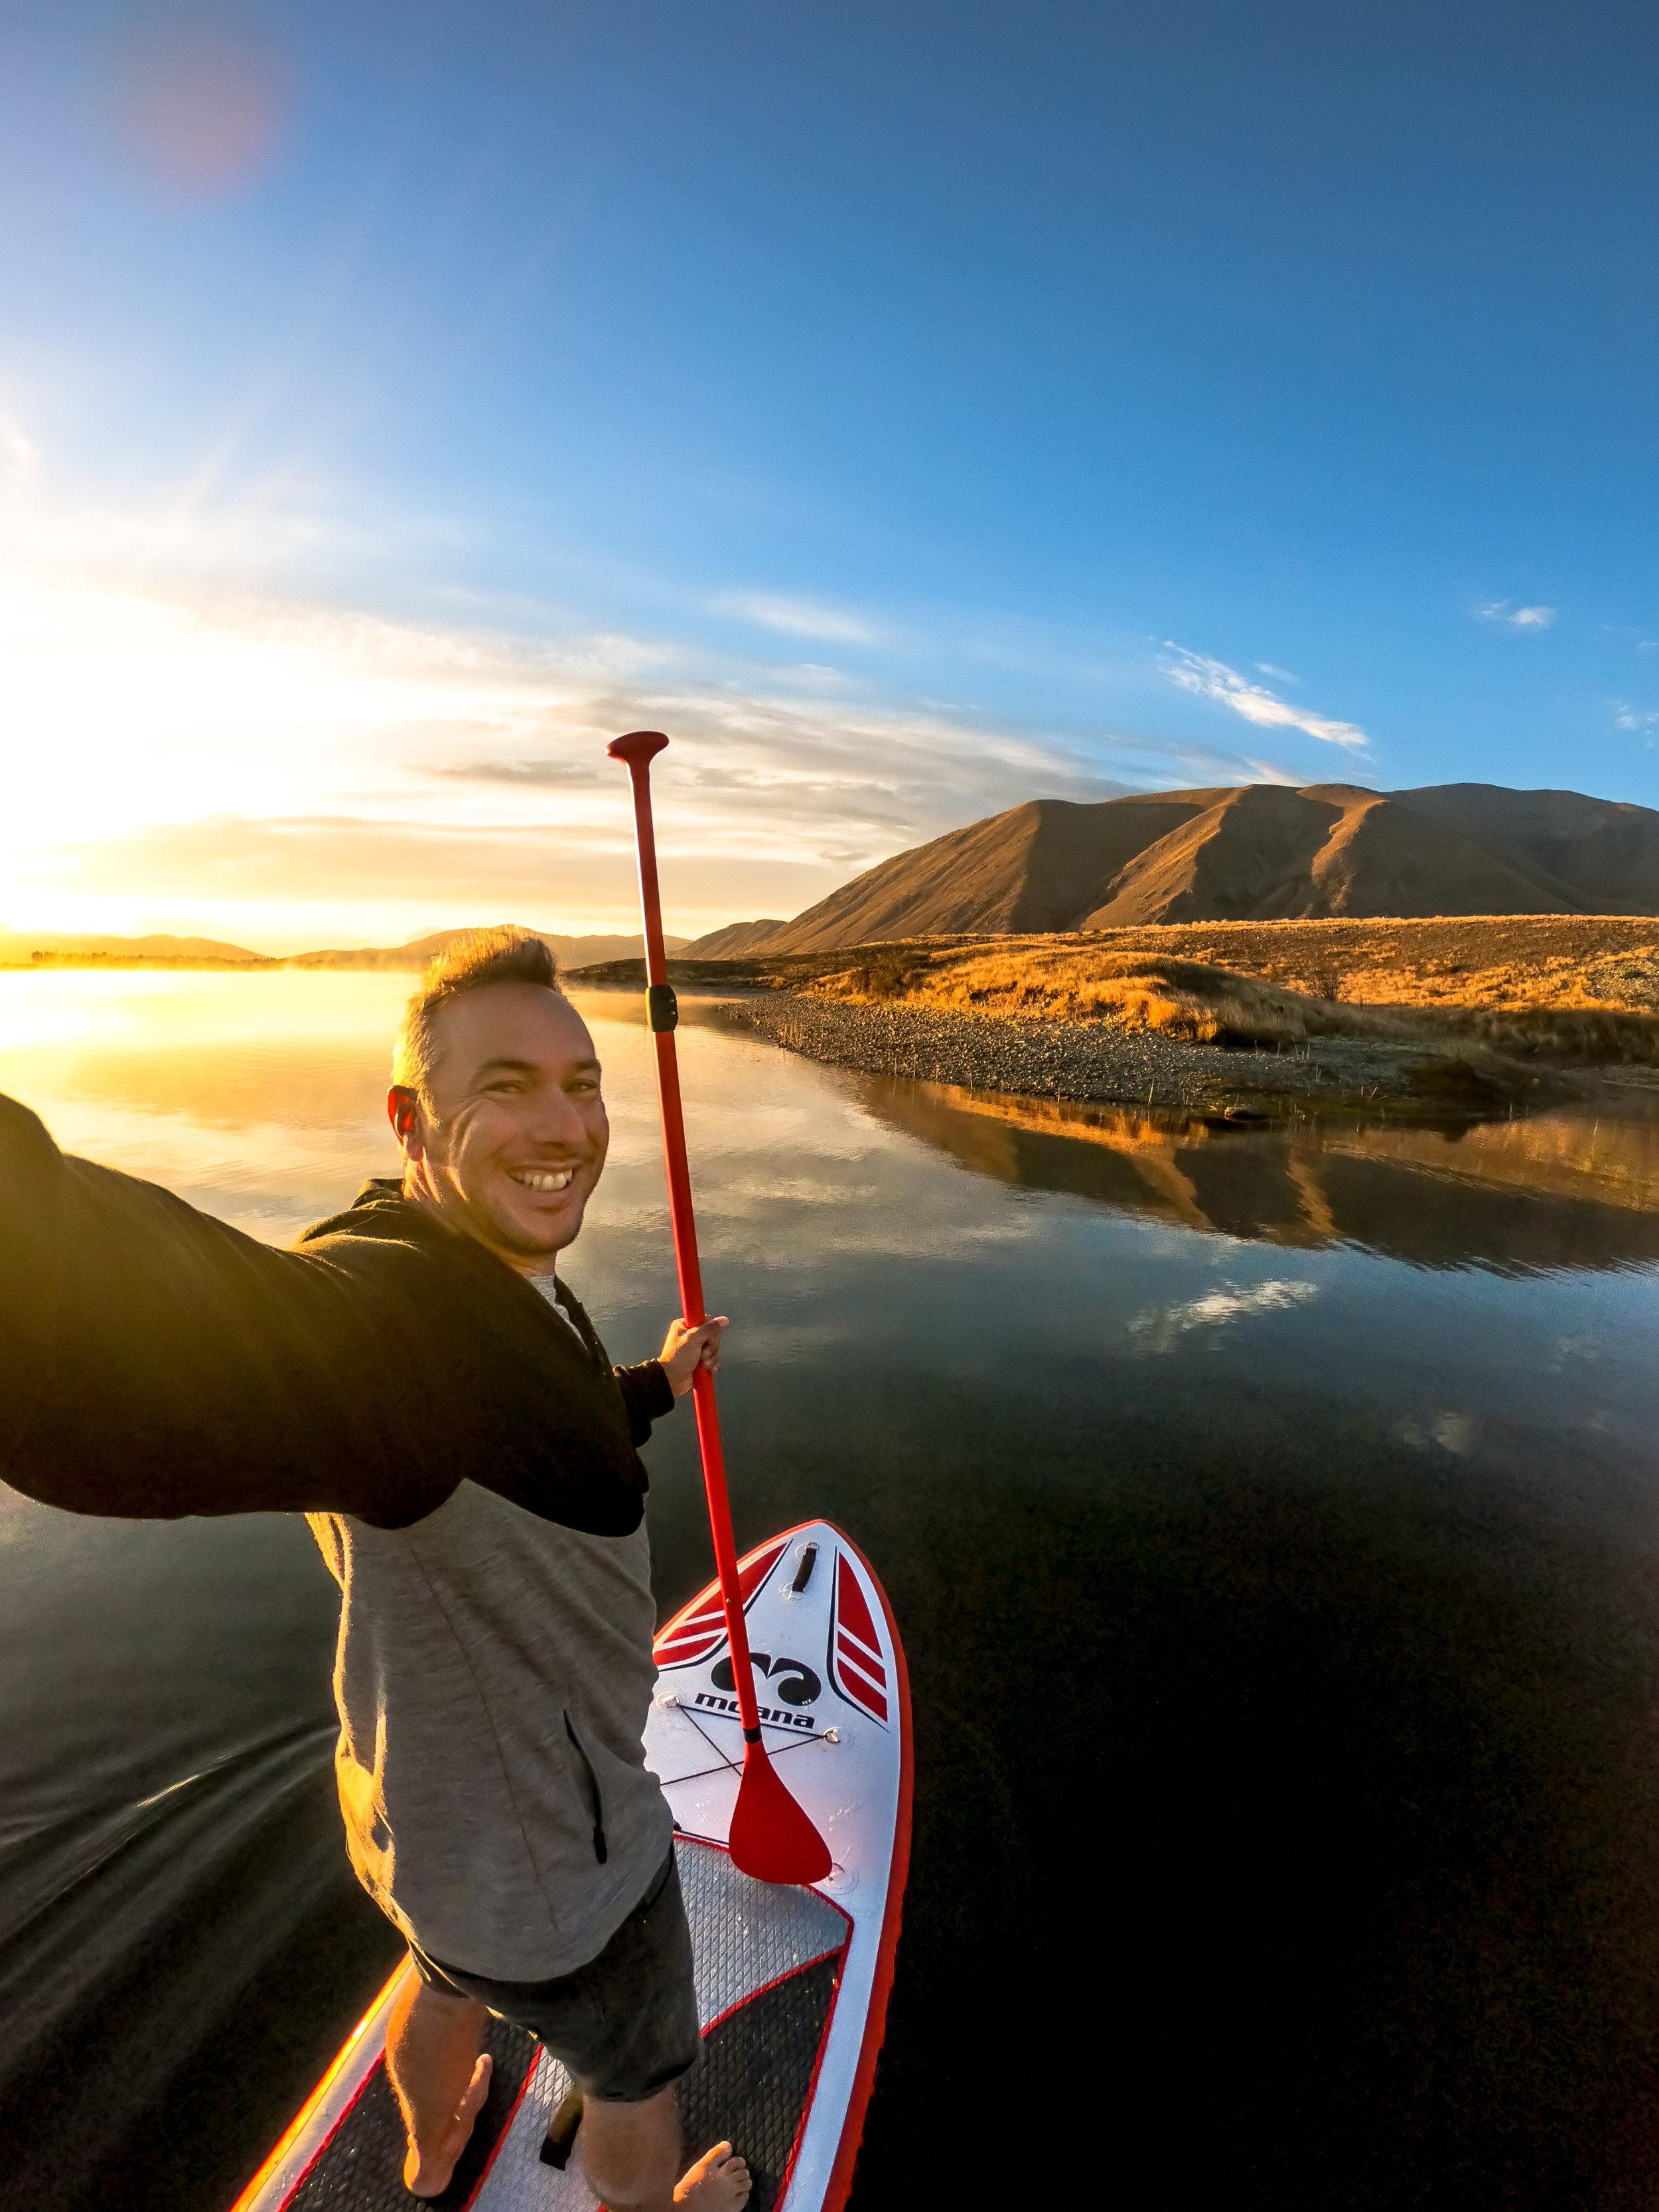 Lake_Camp-SUP_Selfie (1 of 1).JPG